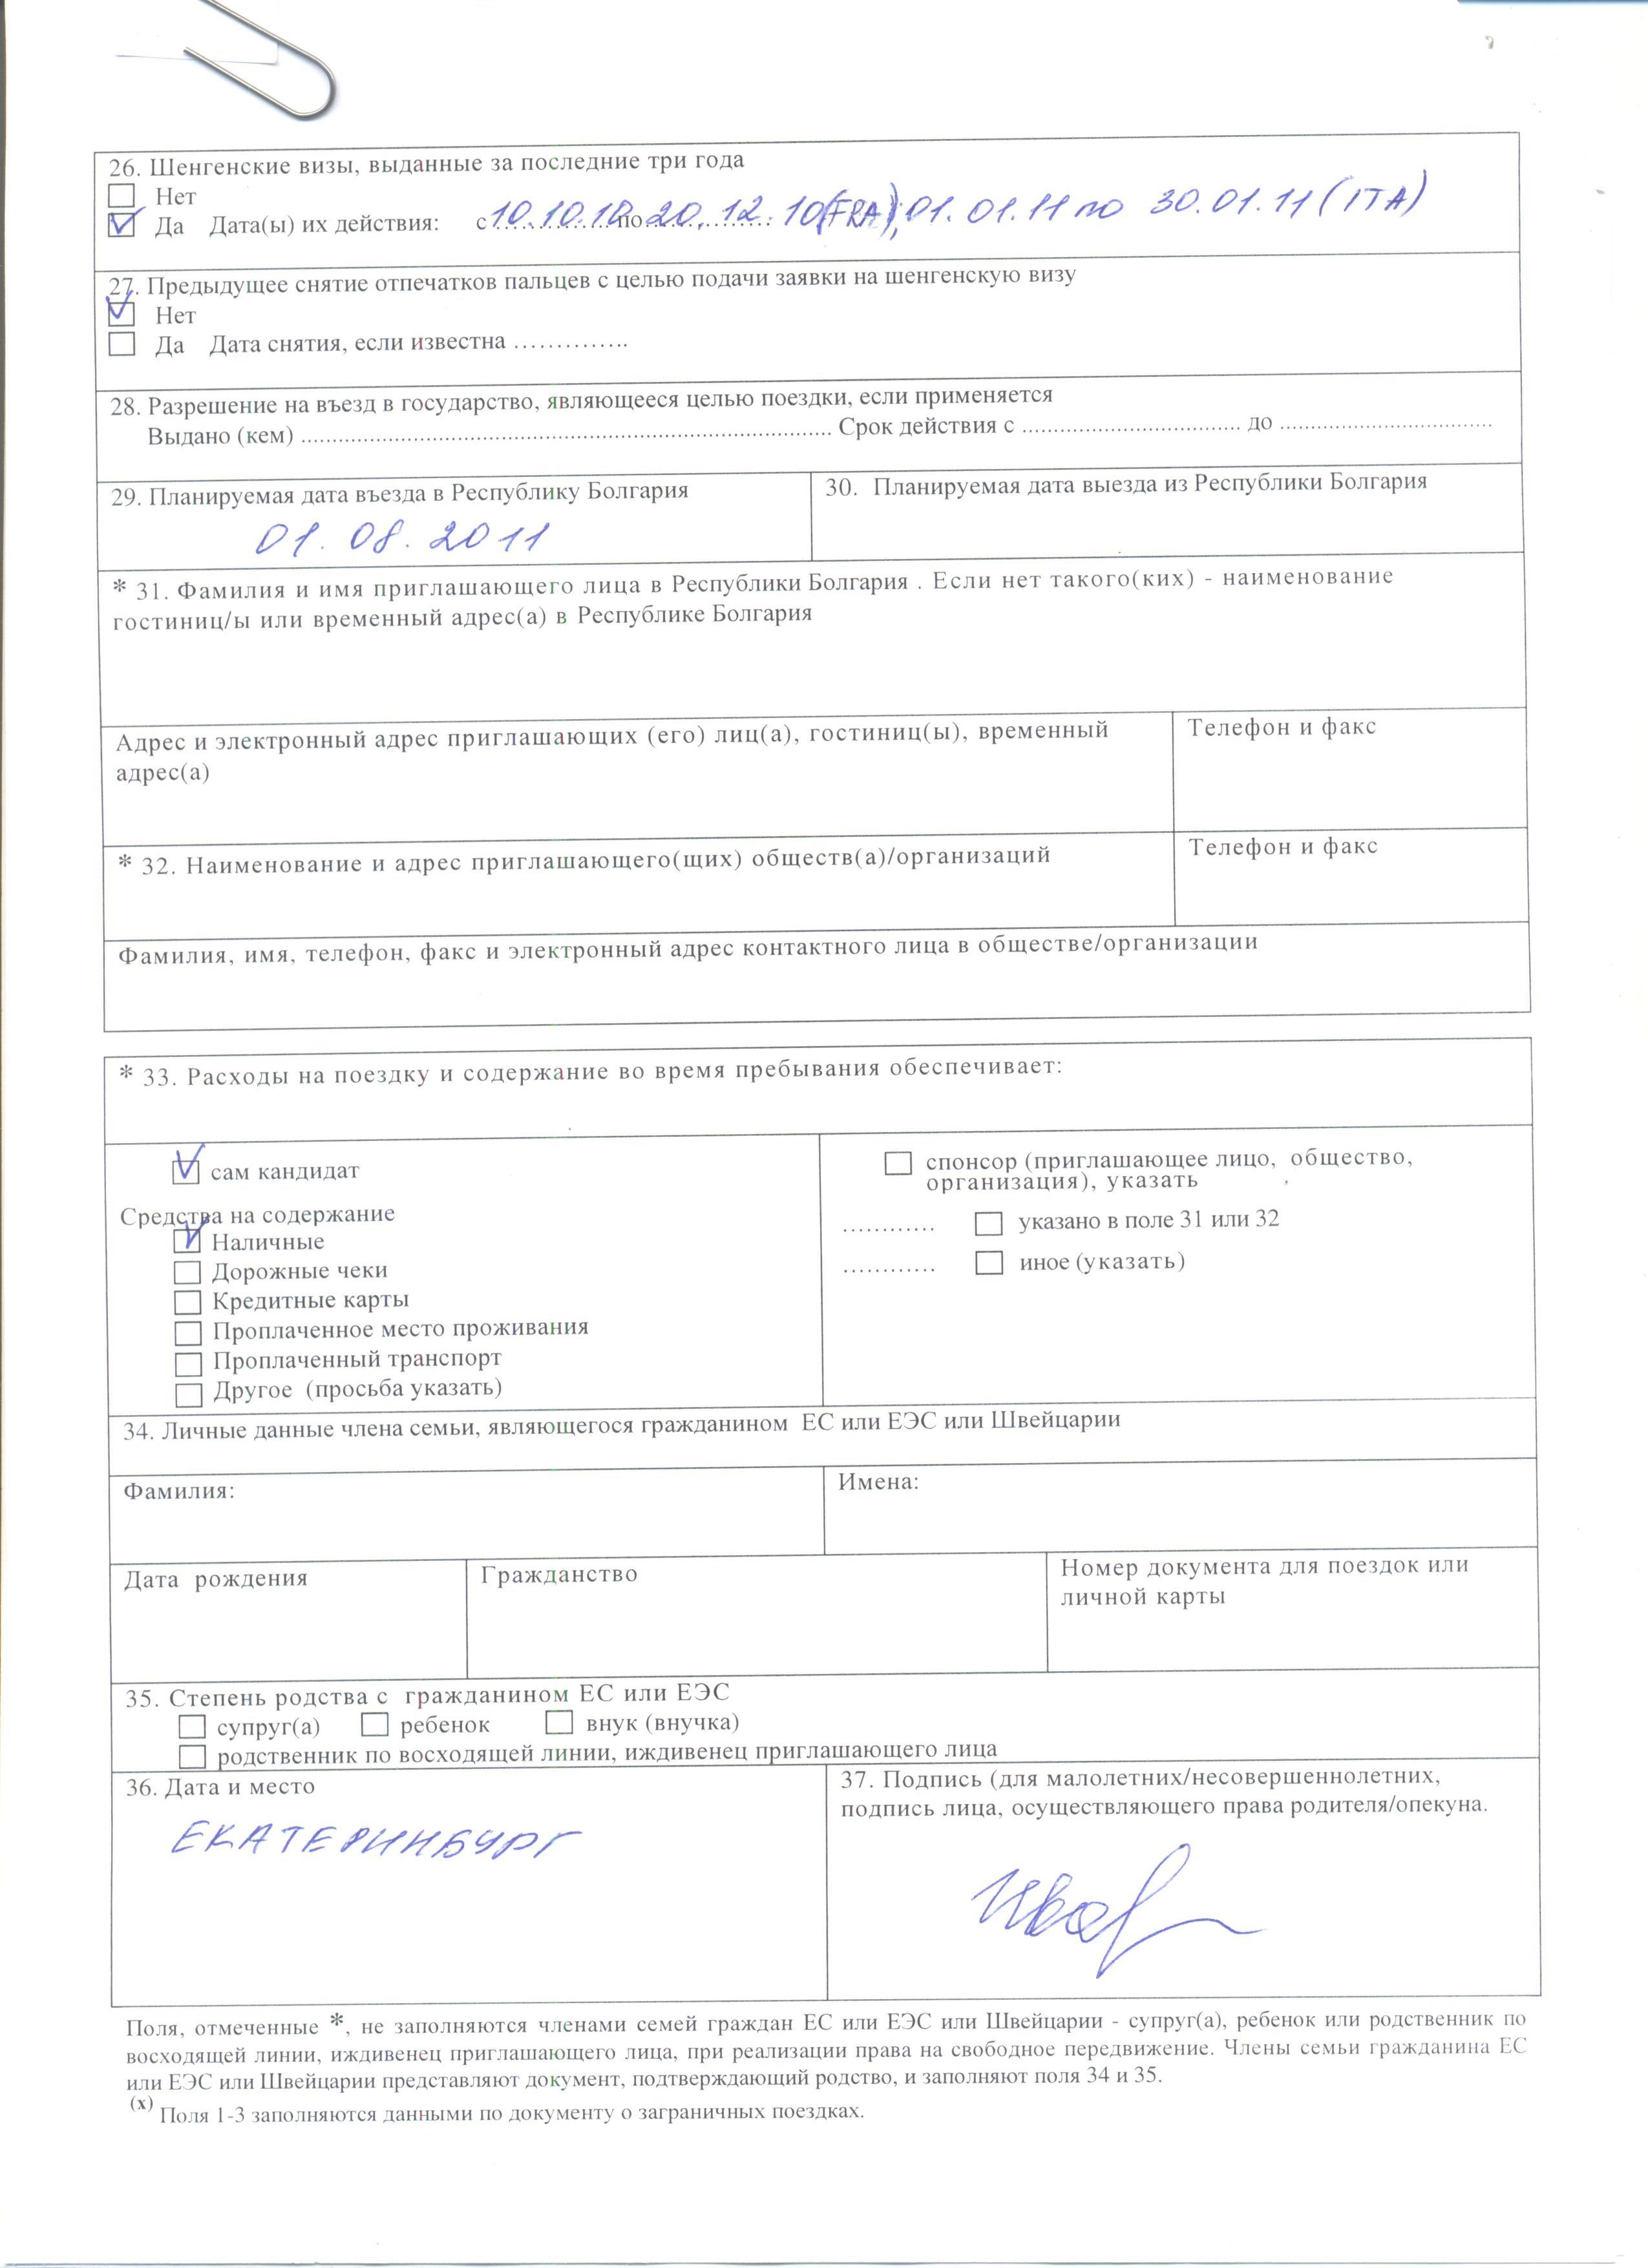 анкета туриста для шенгенской визы бланк